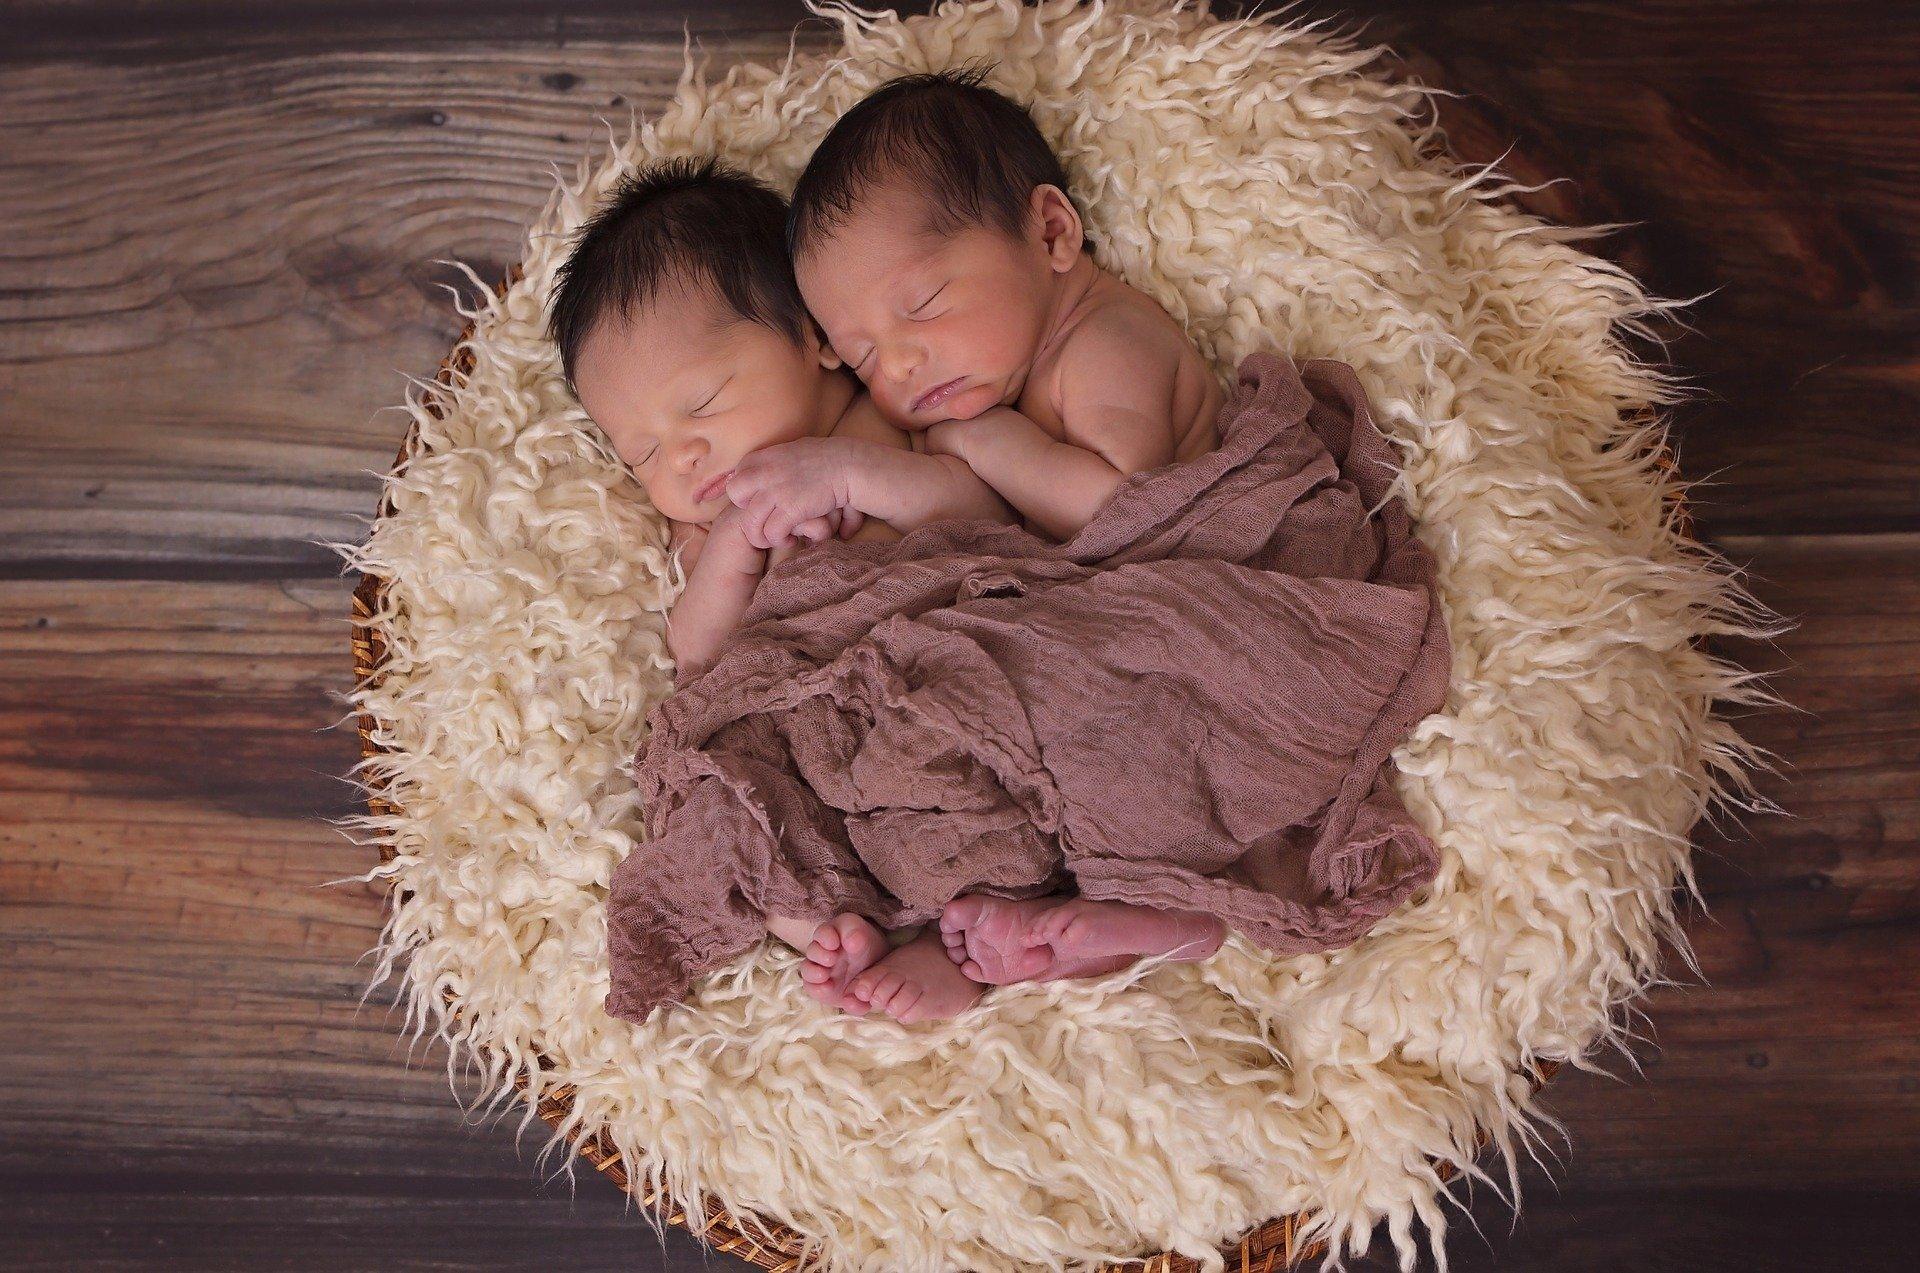 Уровень рождаемости в США продолжает снижаться